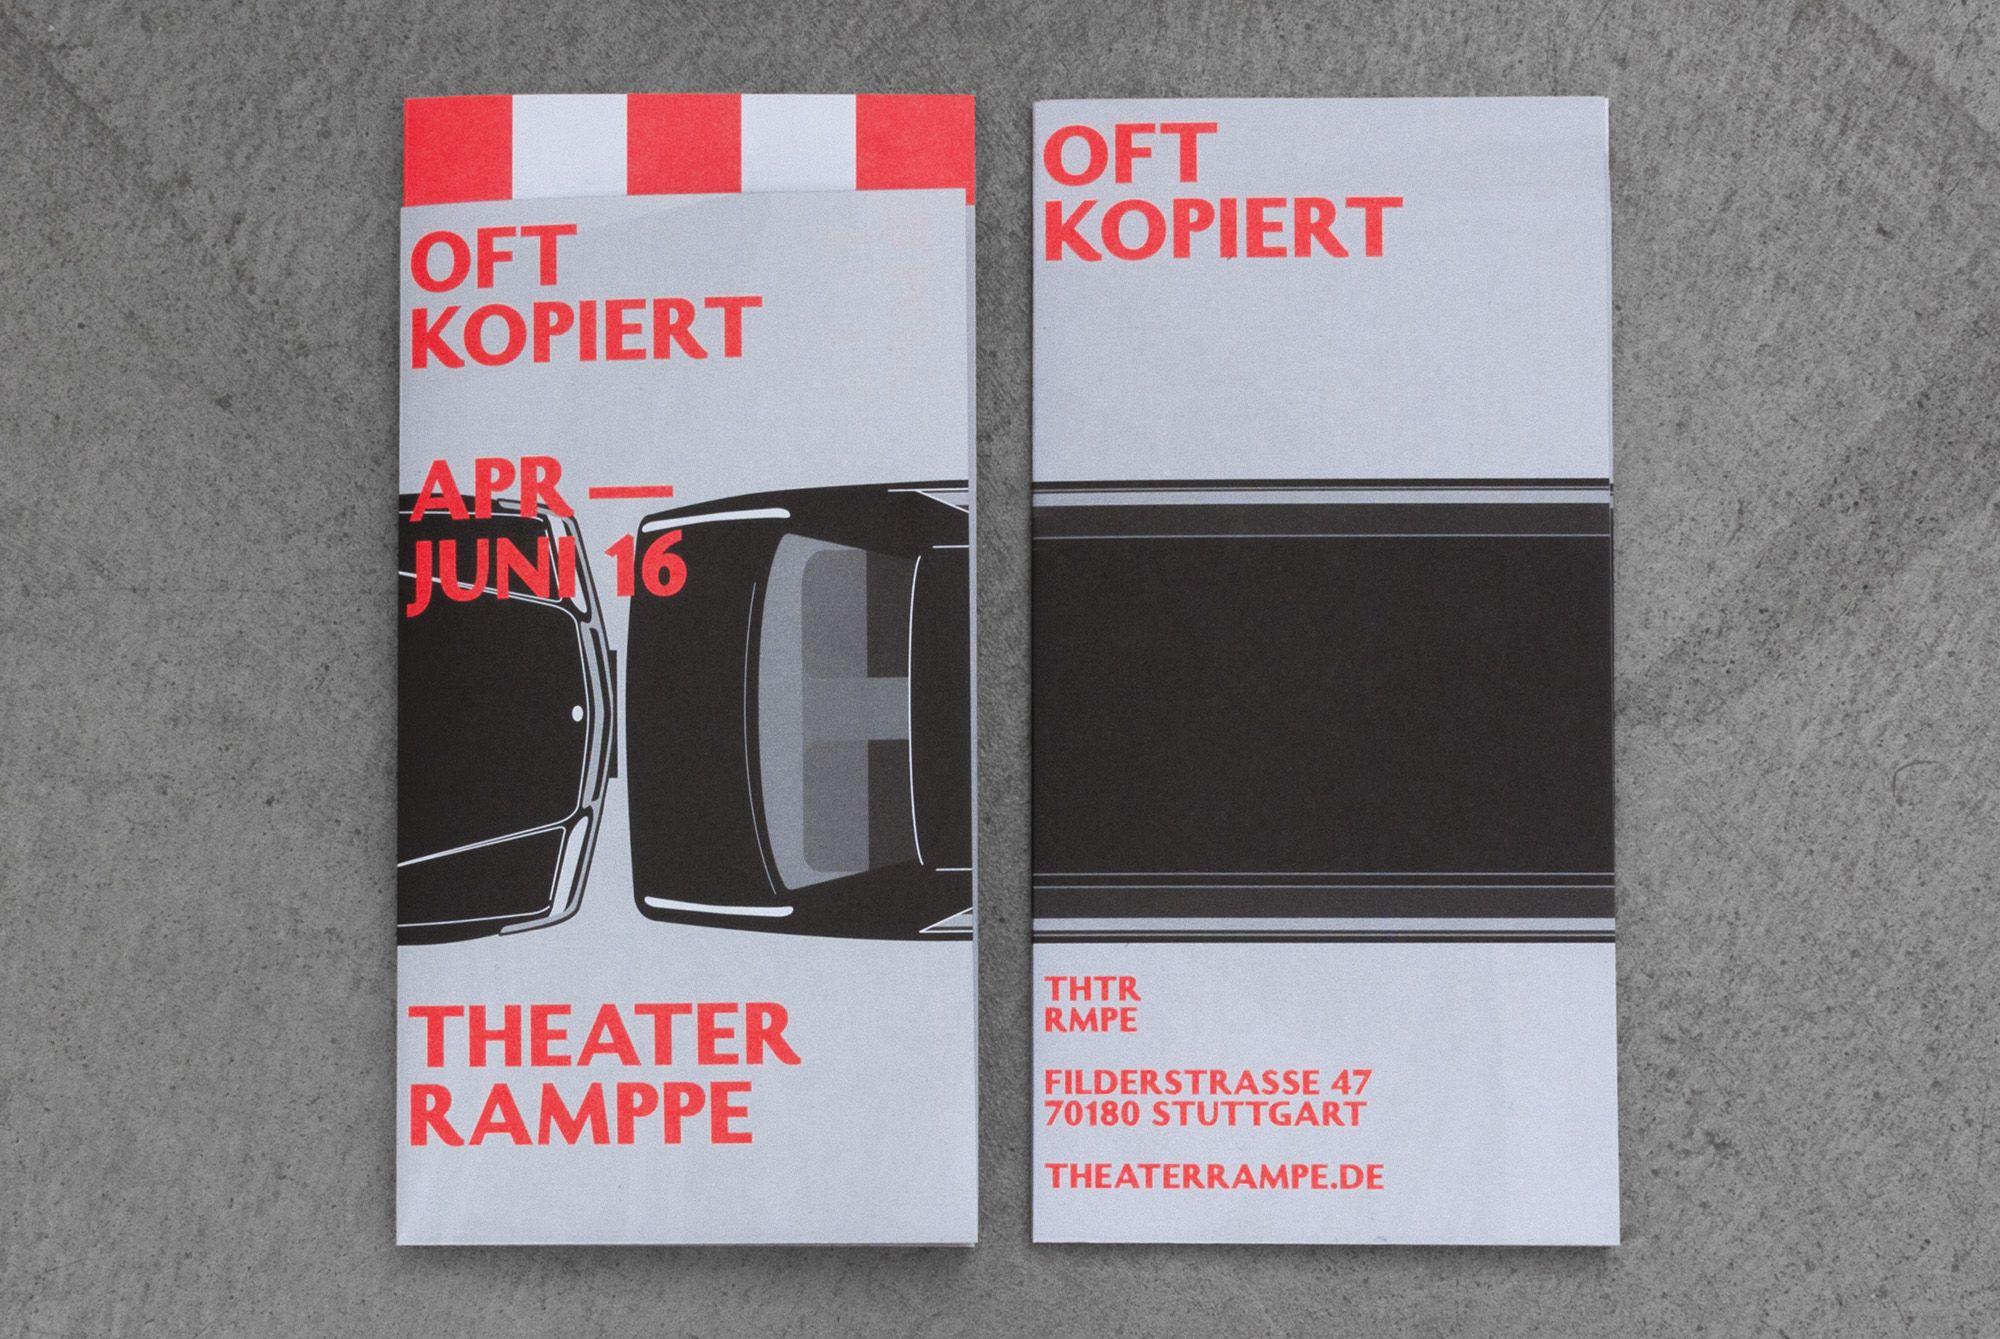 Theater-Rampe-Spielzeit-15-qp-apr-jun-16-02-1.jpg (2000×1339)